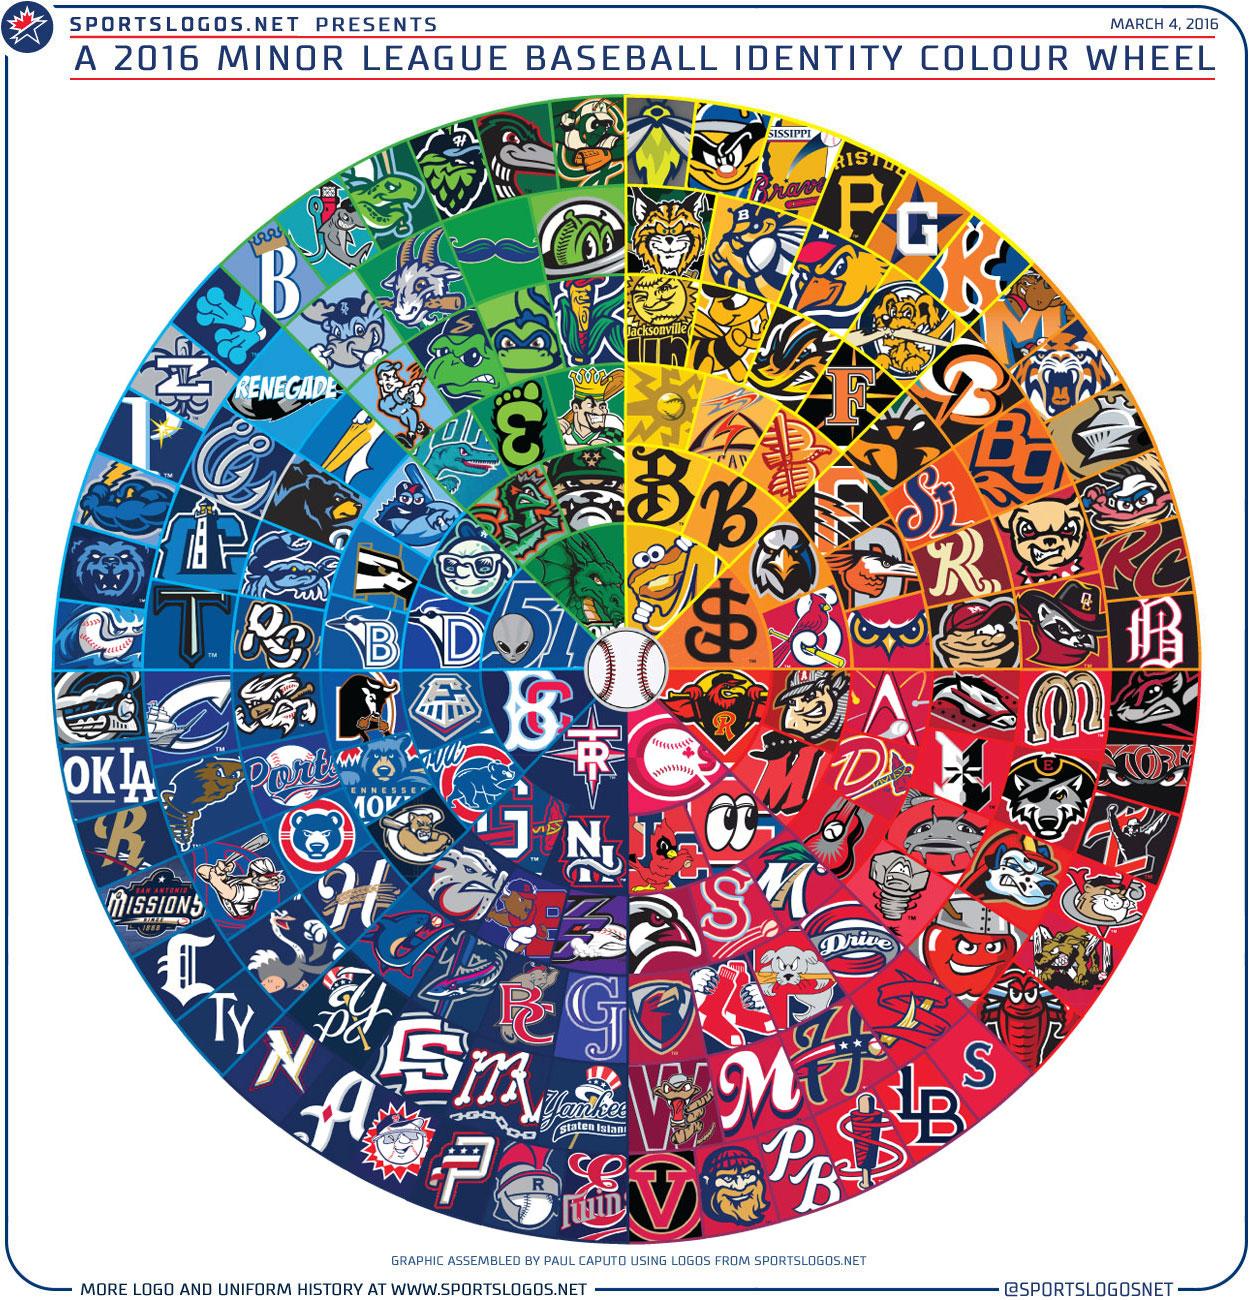 Names of all major league baseball teams - 2016 Minor League Baseball Colour Wheel4